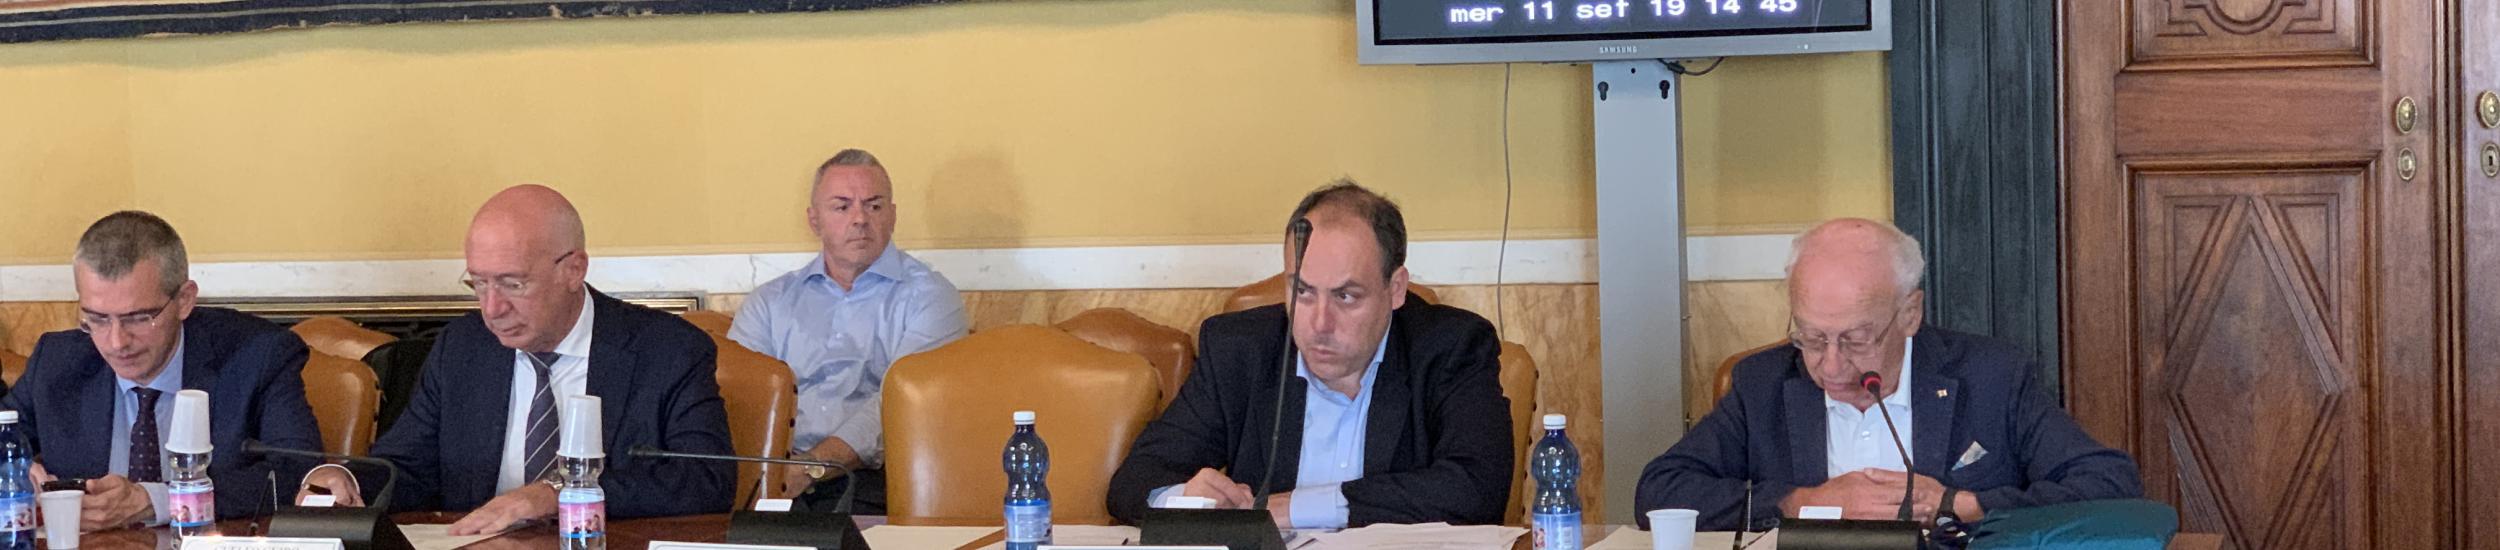 La lettura della proposta da parte del consigliere Bozzo